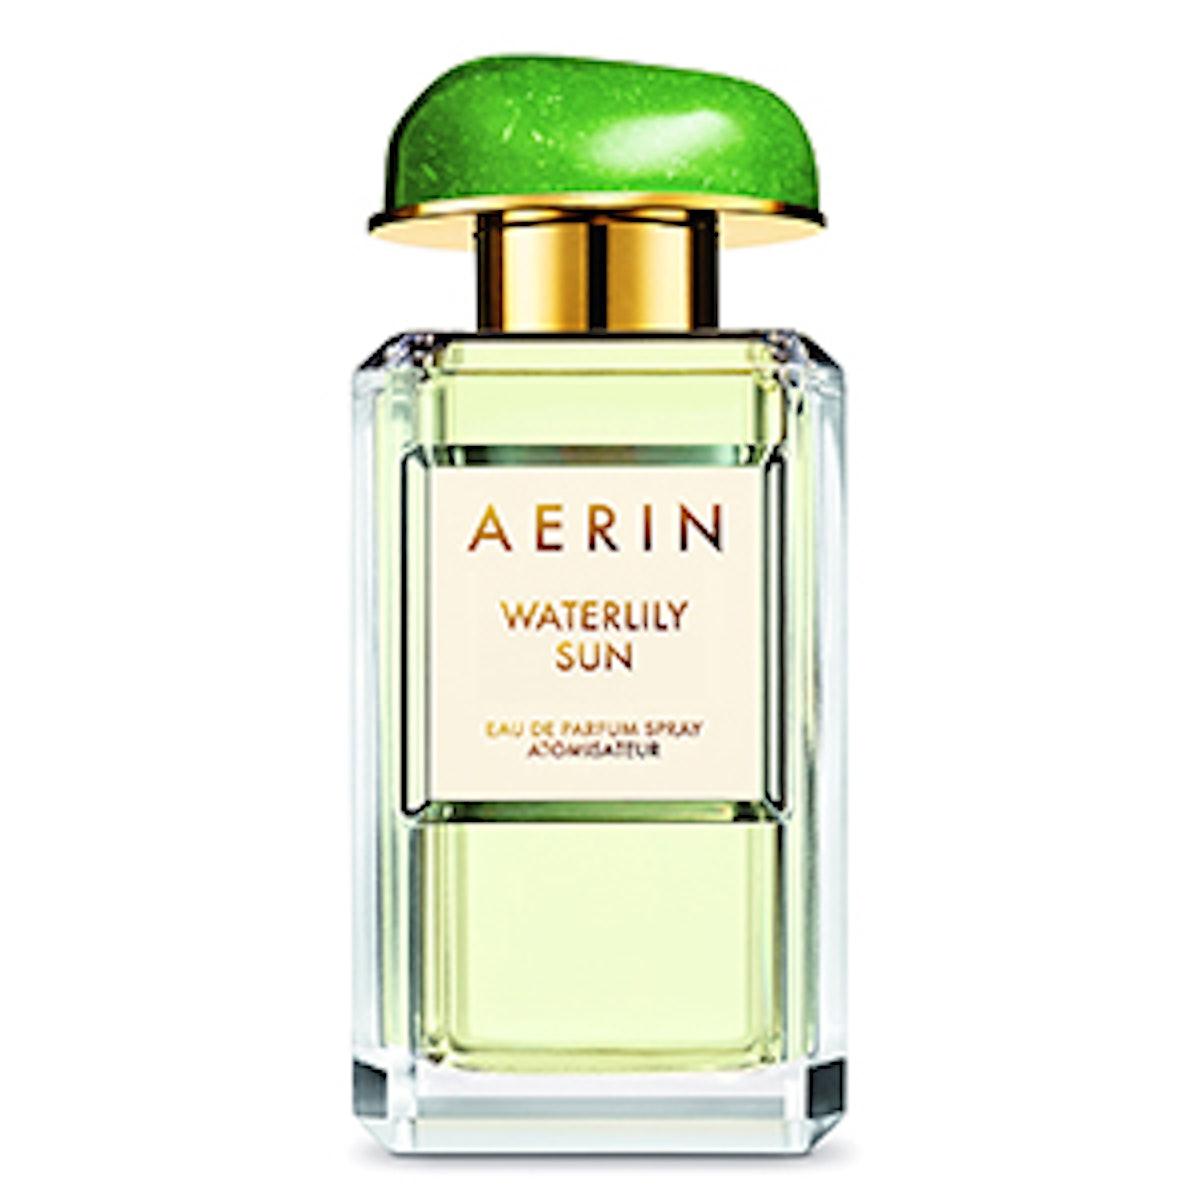 Waterlily Sun Eau de Parfum